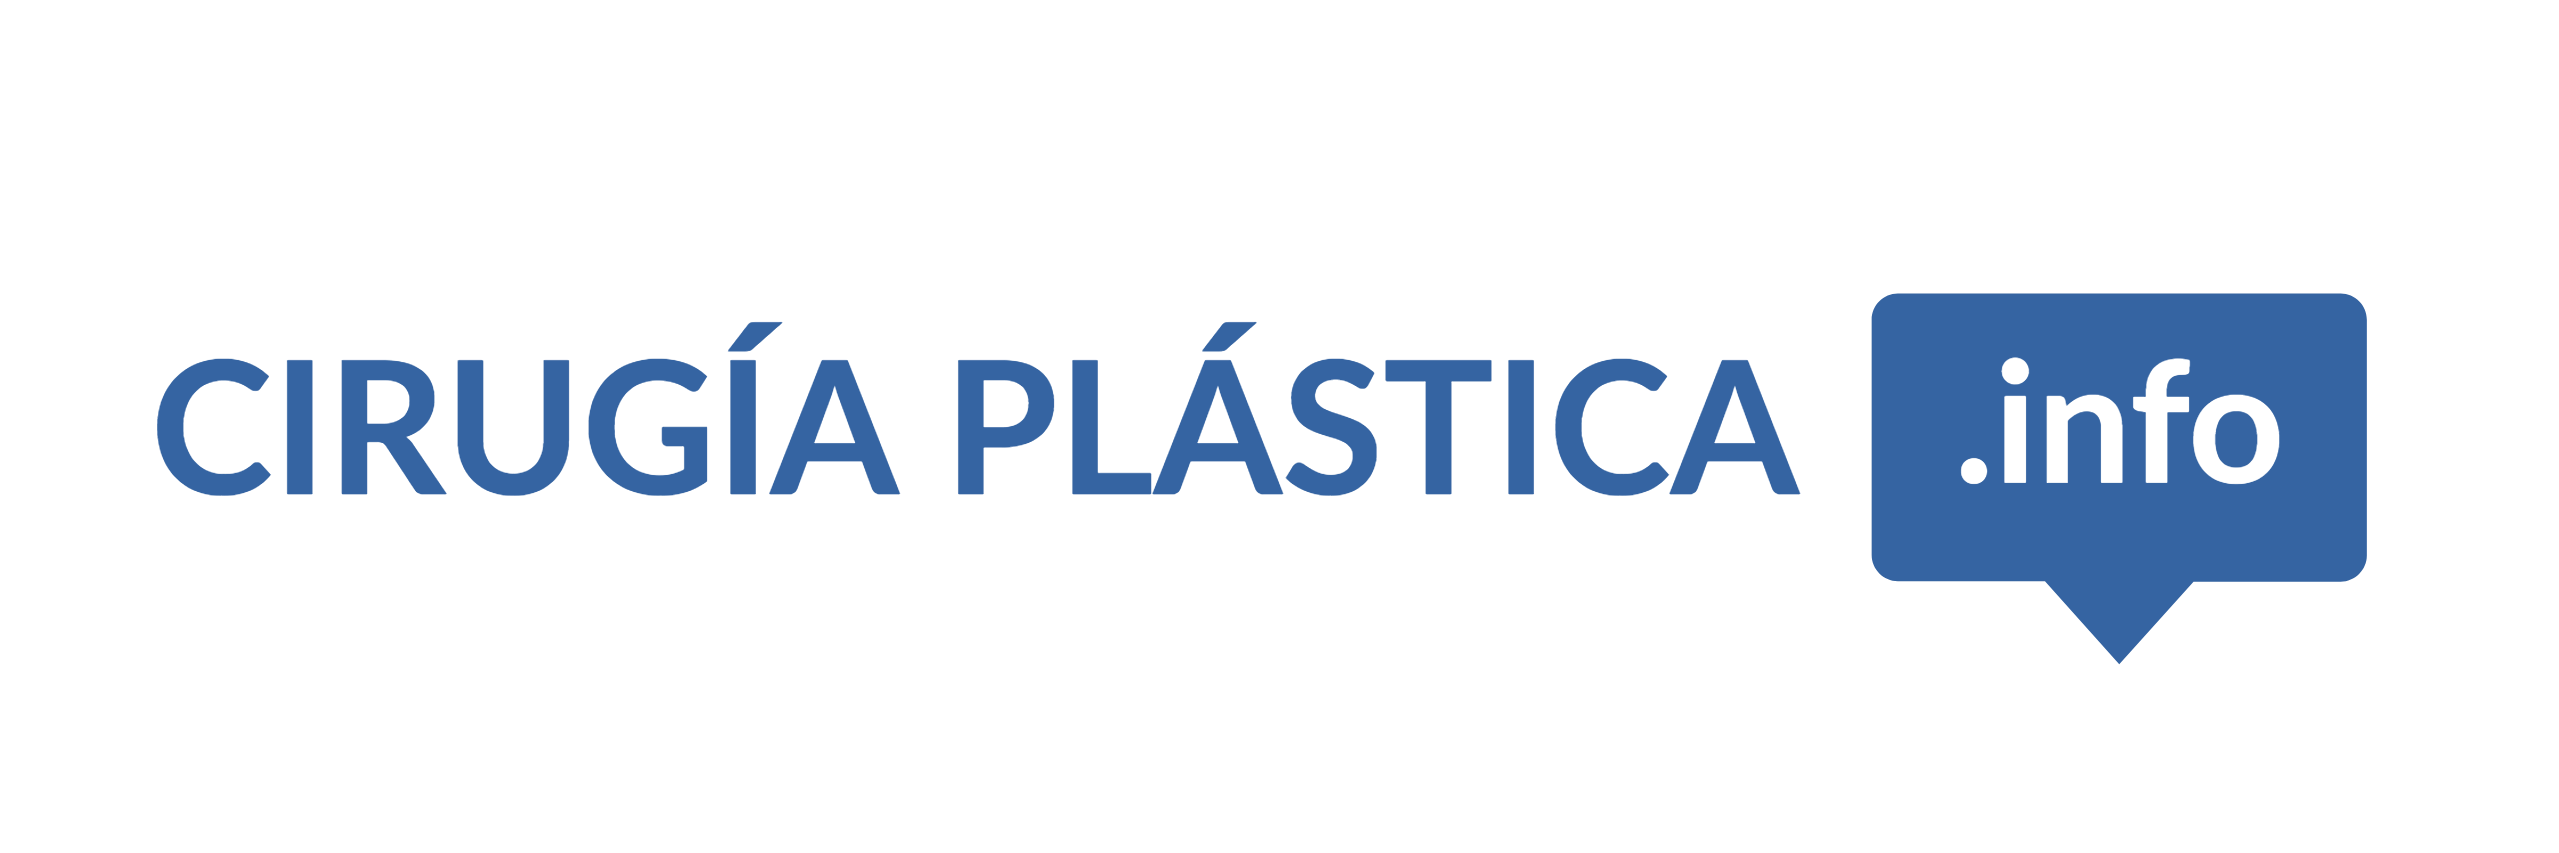 Cirugía Plástica .info